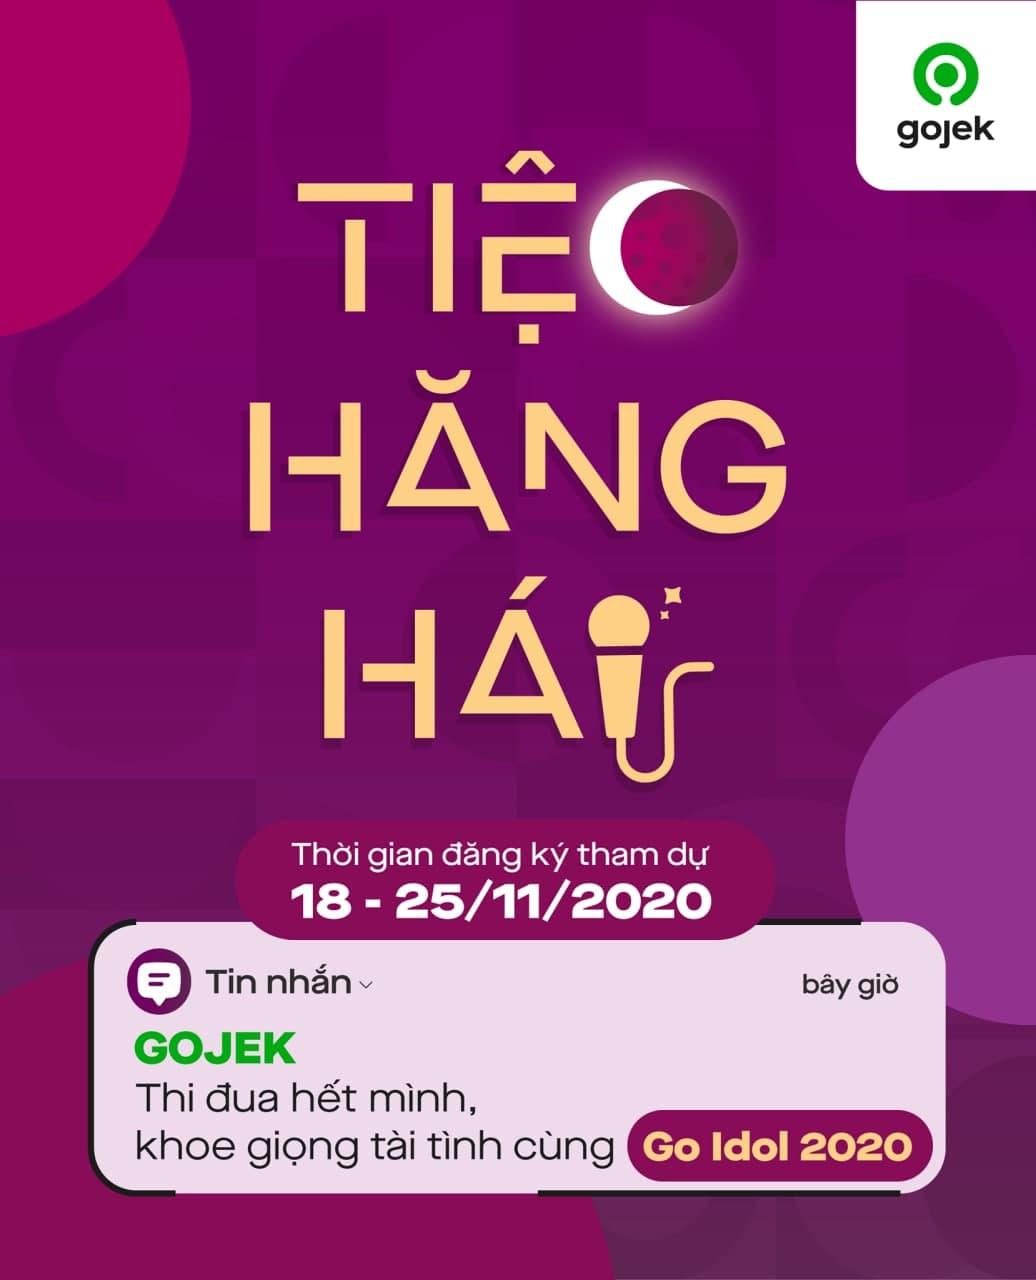 Gojek - Tiệc Hăng Hái